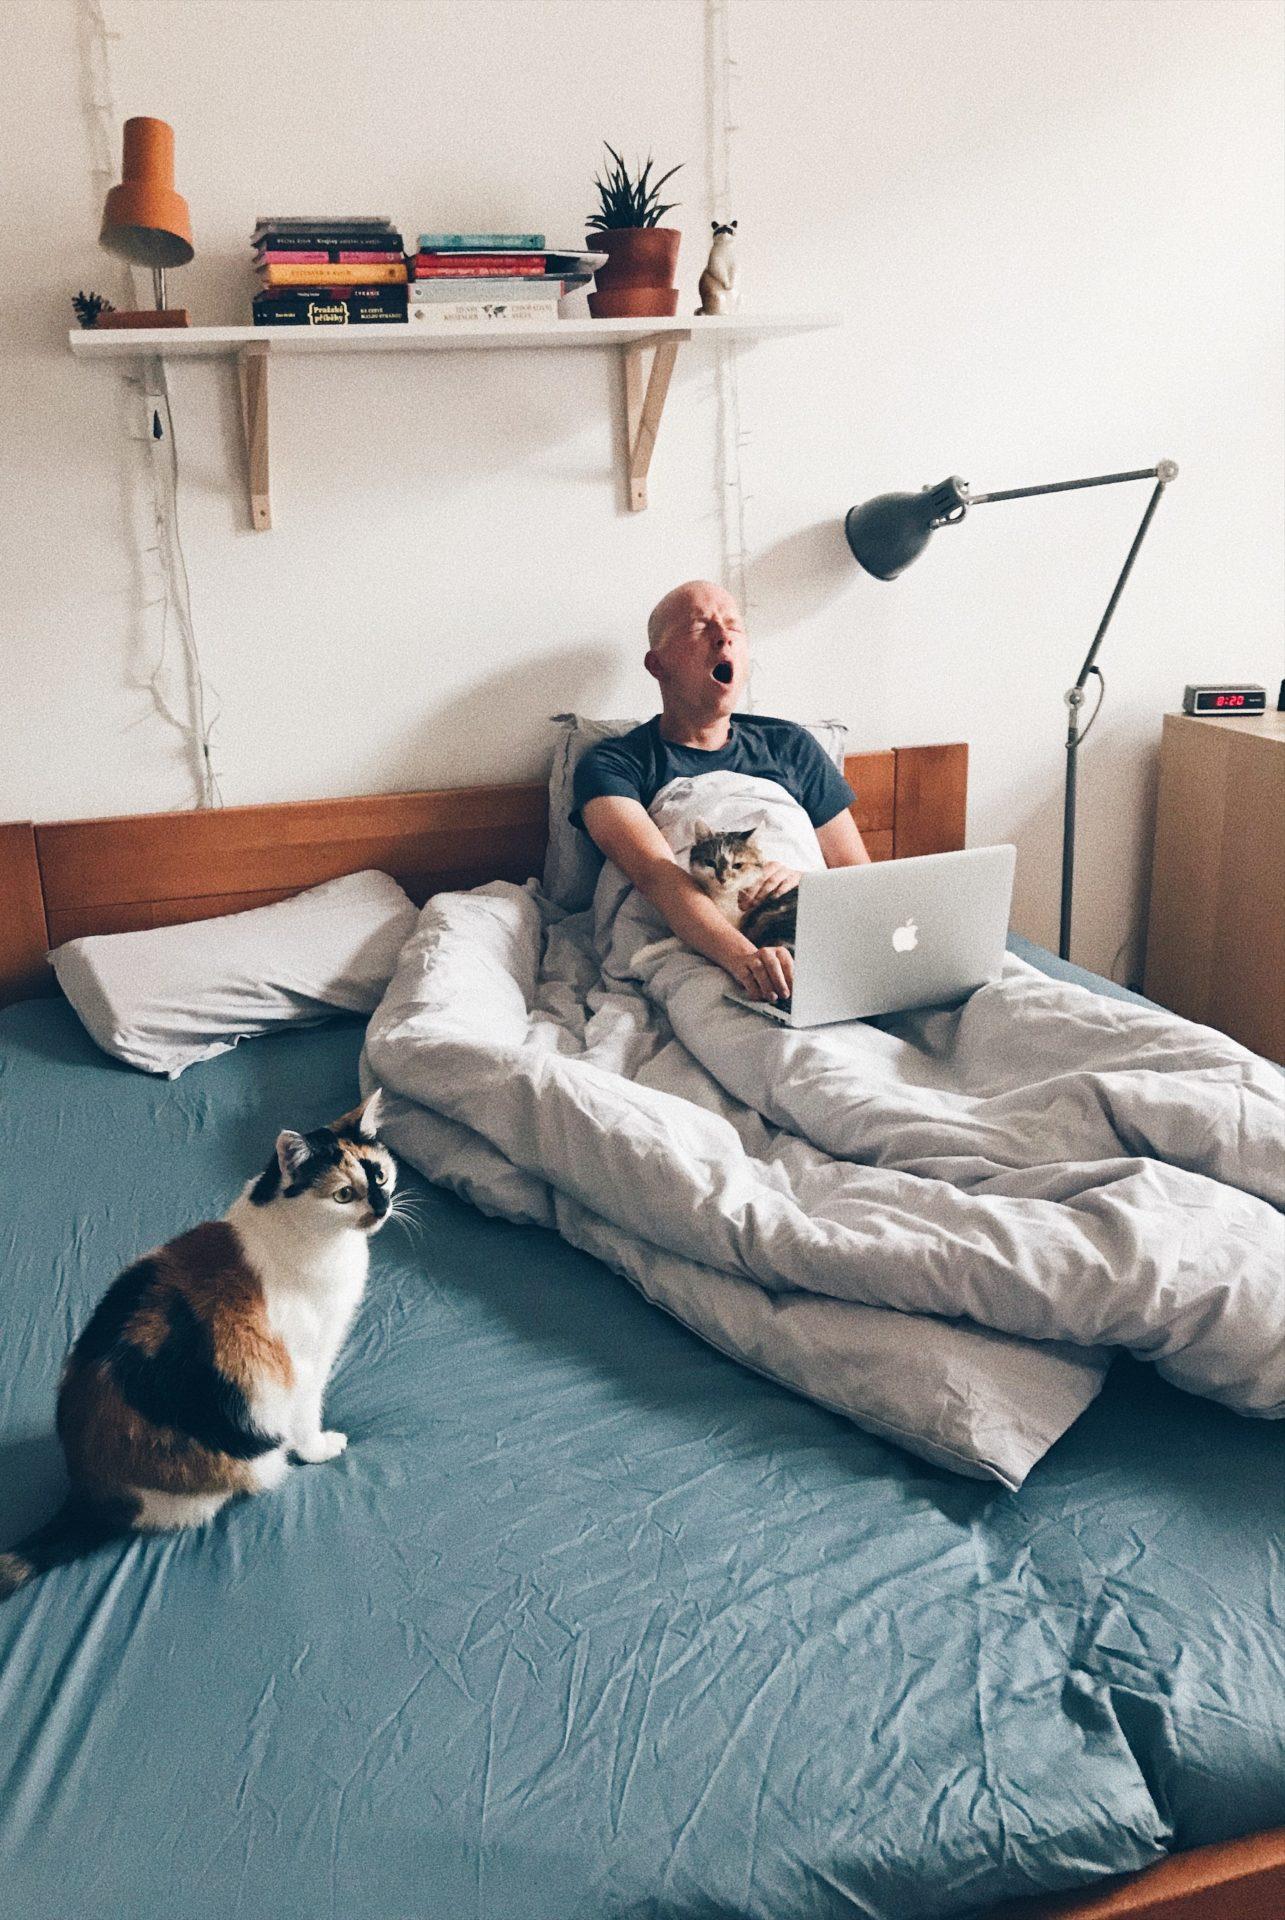 vstávání, skřivan, sova, ráno, únava, odpočinek, postel, kočky, ložnice